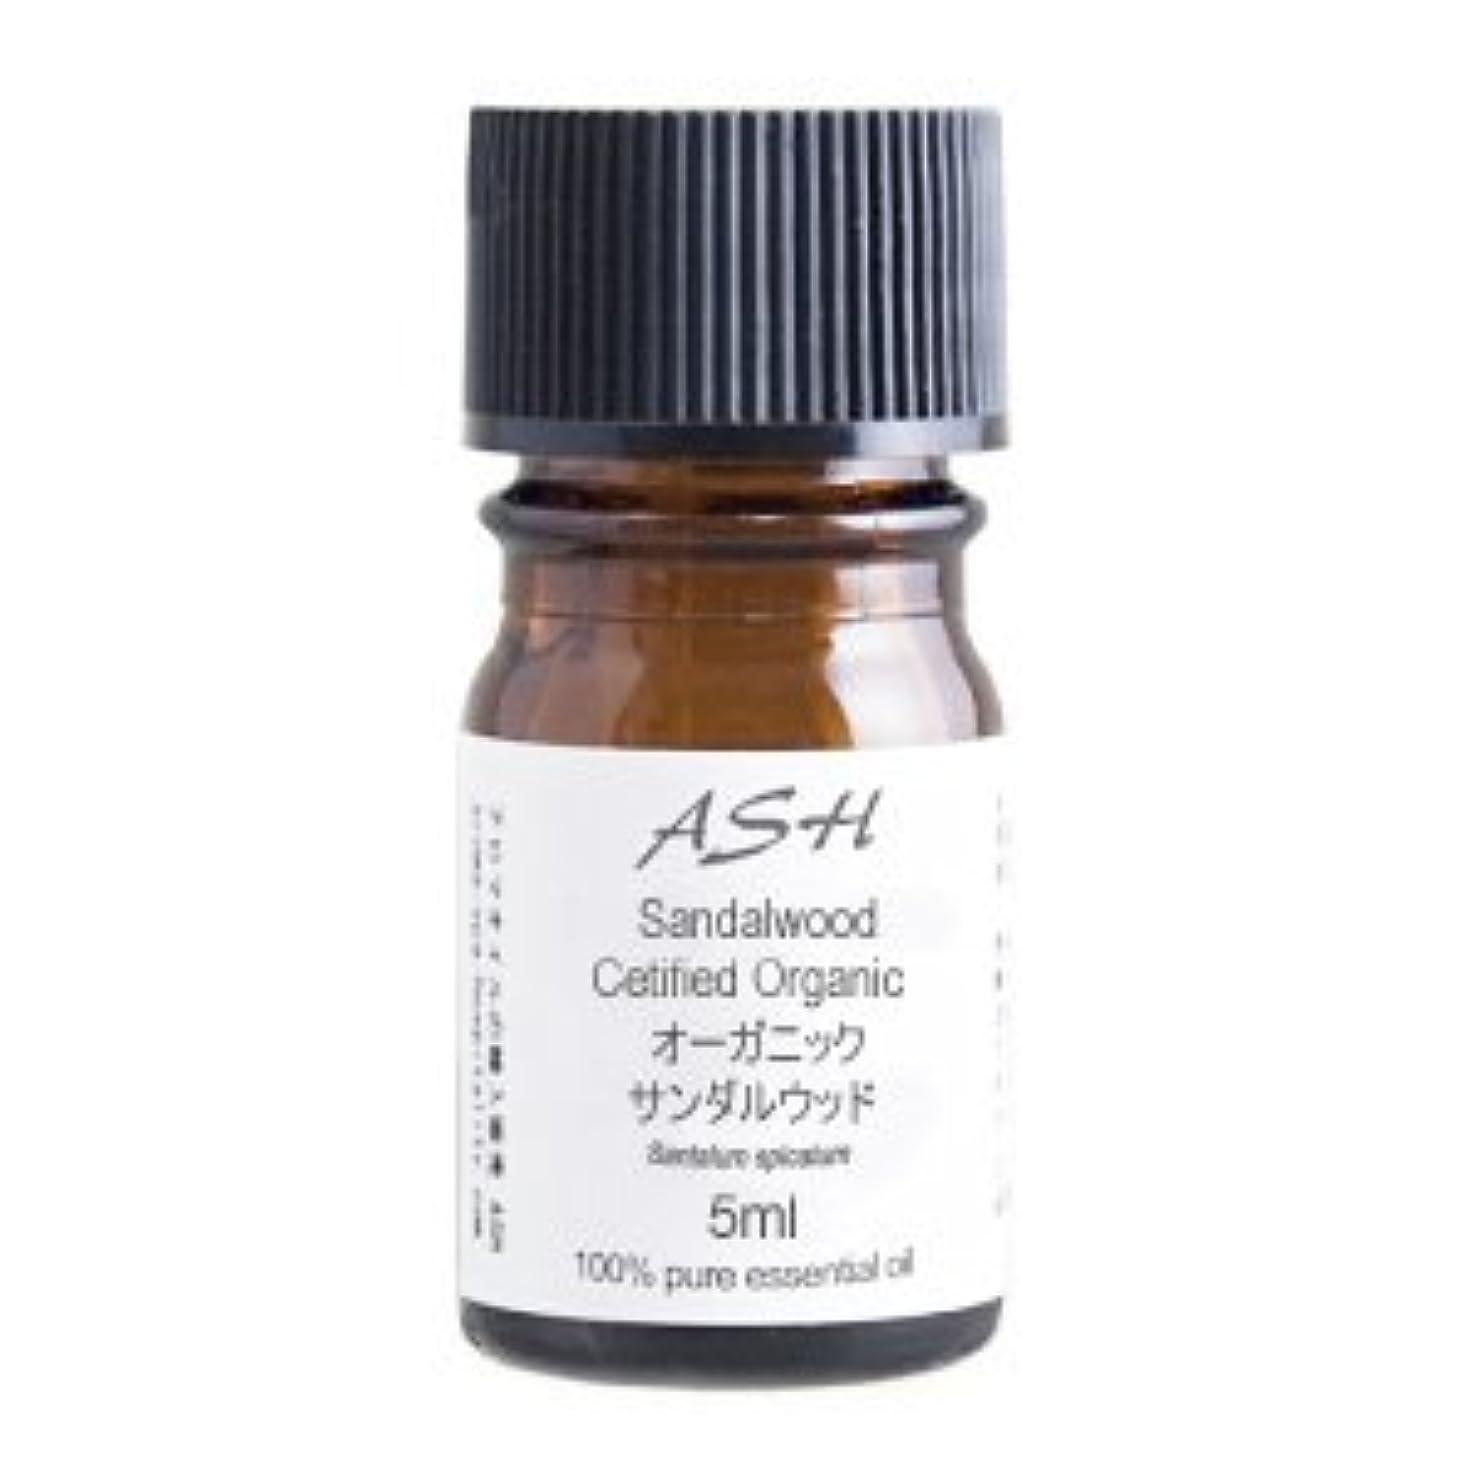 評論家連結する合唱団ASH オーガニック サンダルウッド エッセンシャルオイル 5ml AEAJ表示基準適合認定精油